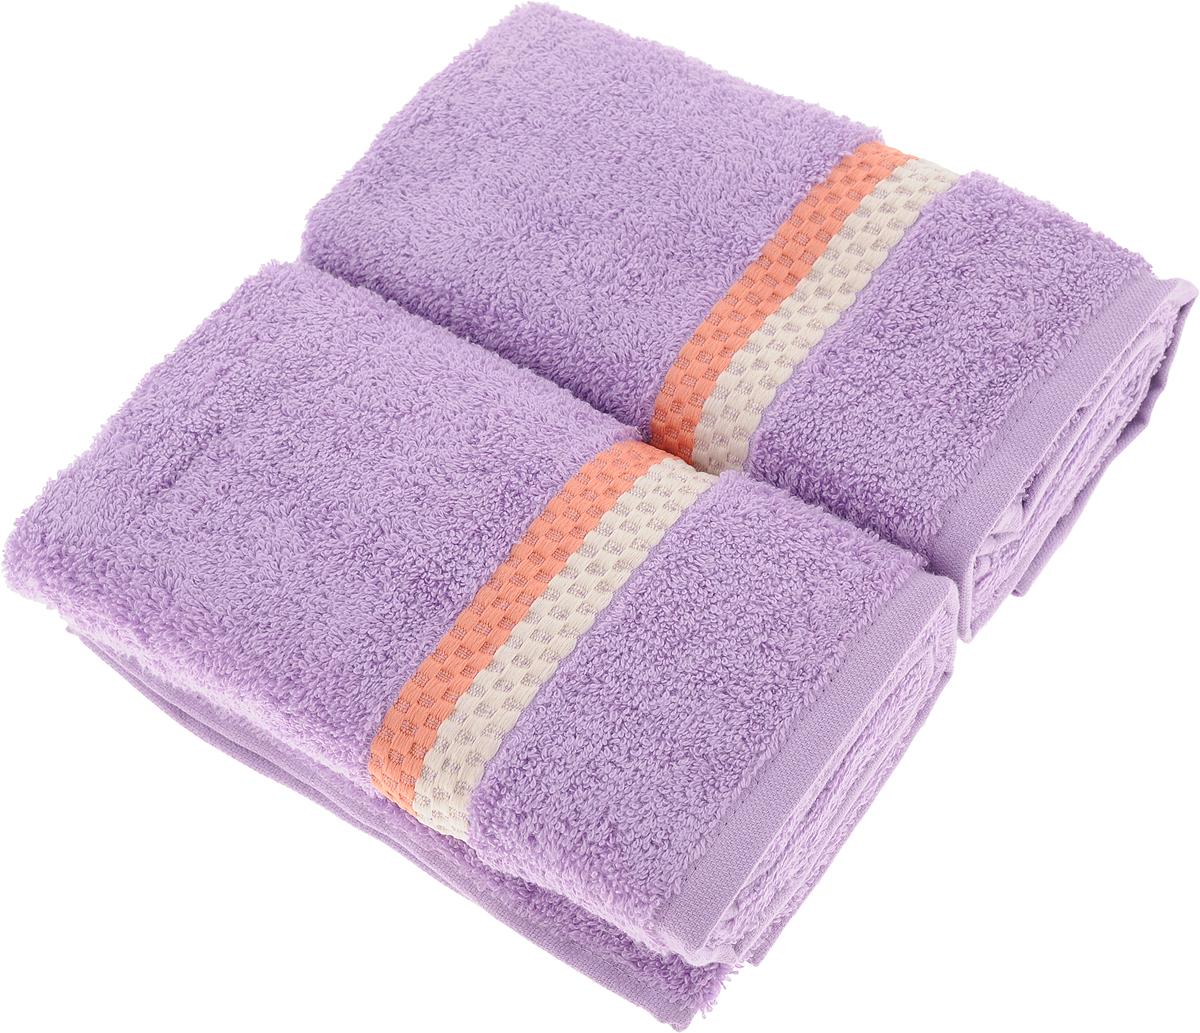 Набор полотенец Aquarelle Настроение, цвет: сиреневый, 50 х 90 см, 2 шт706223_сиреневыйМахровые полотенца Aquarelle Настроение - неотъемлемая часть повседневного быта, они создают дополнительные акценты в ванной комнате. Продукция производится из высококачественных материалов.Уважаемые клиенты!Обращаем ваше внимание на цветовой ассортимент товара. Поставка осуществляется в зависимости от наличия на складе.